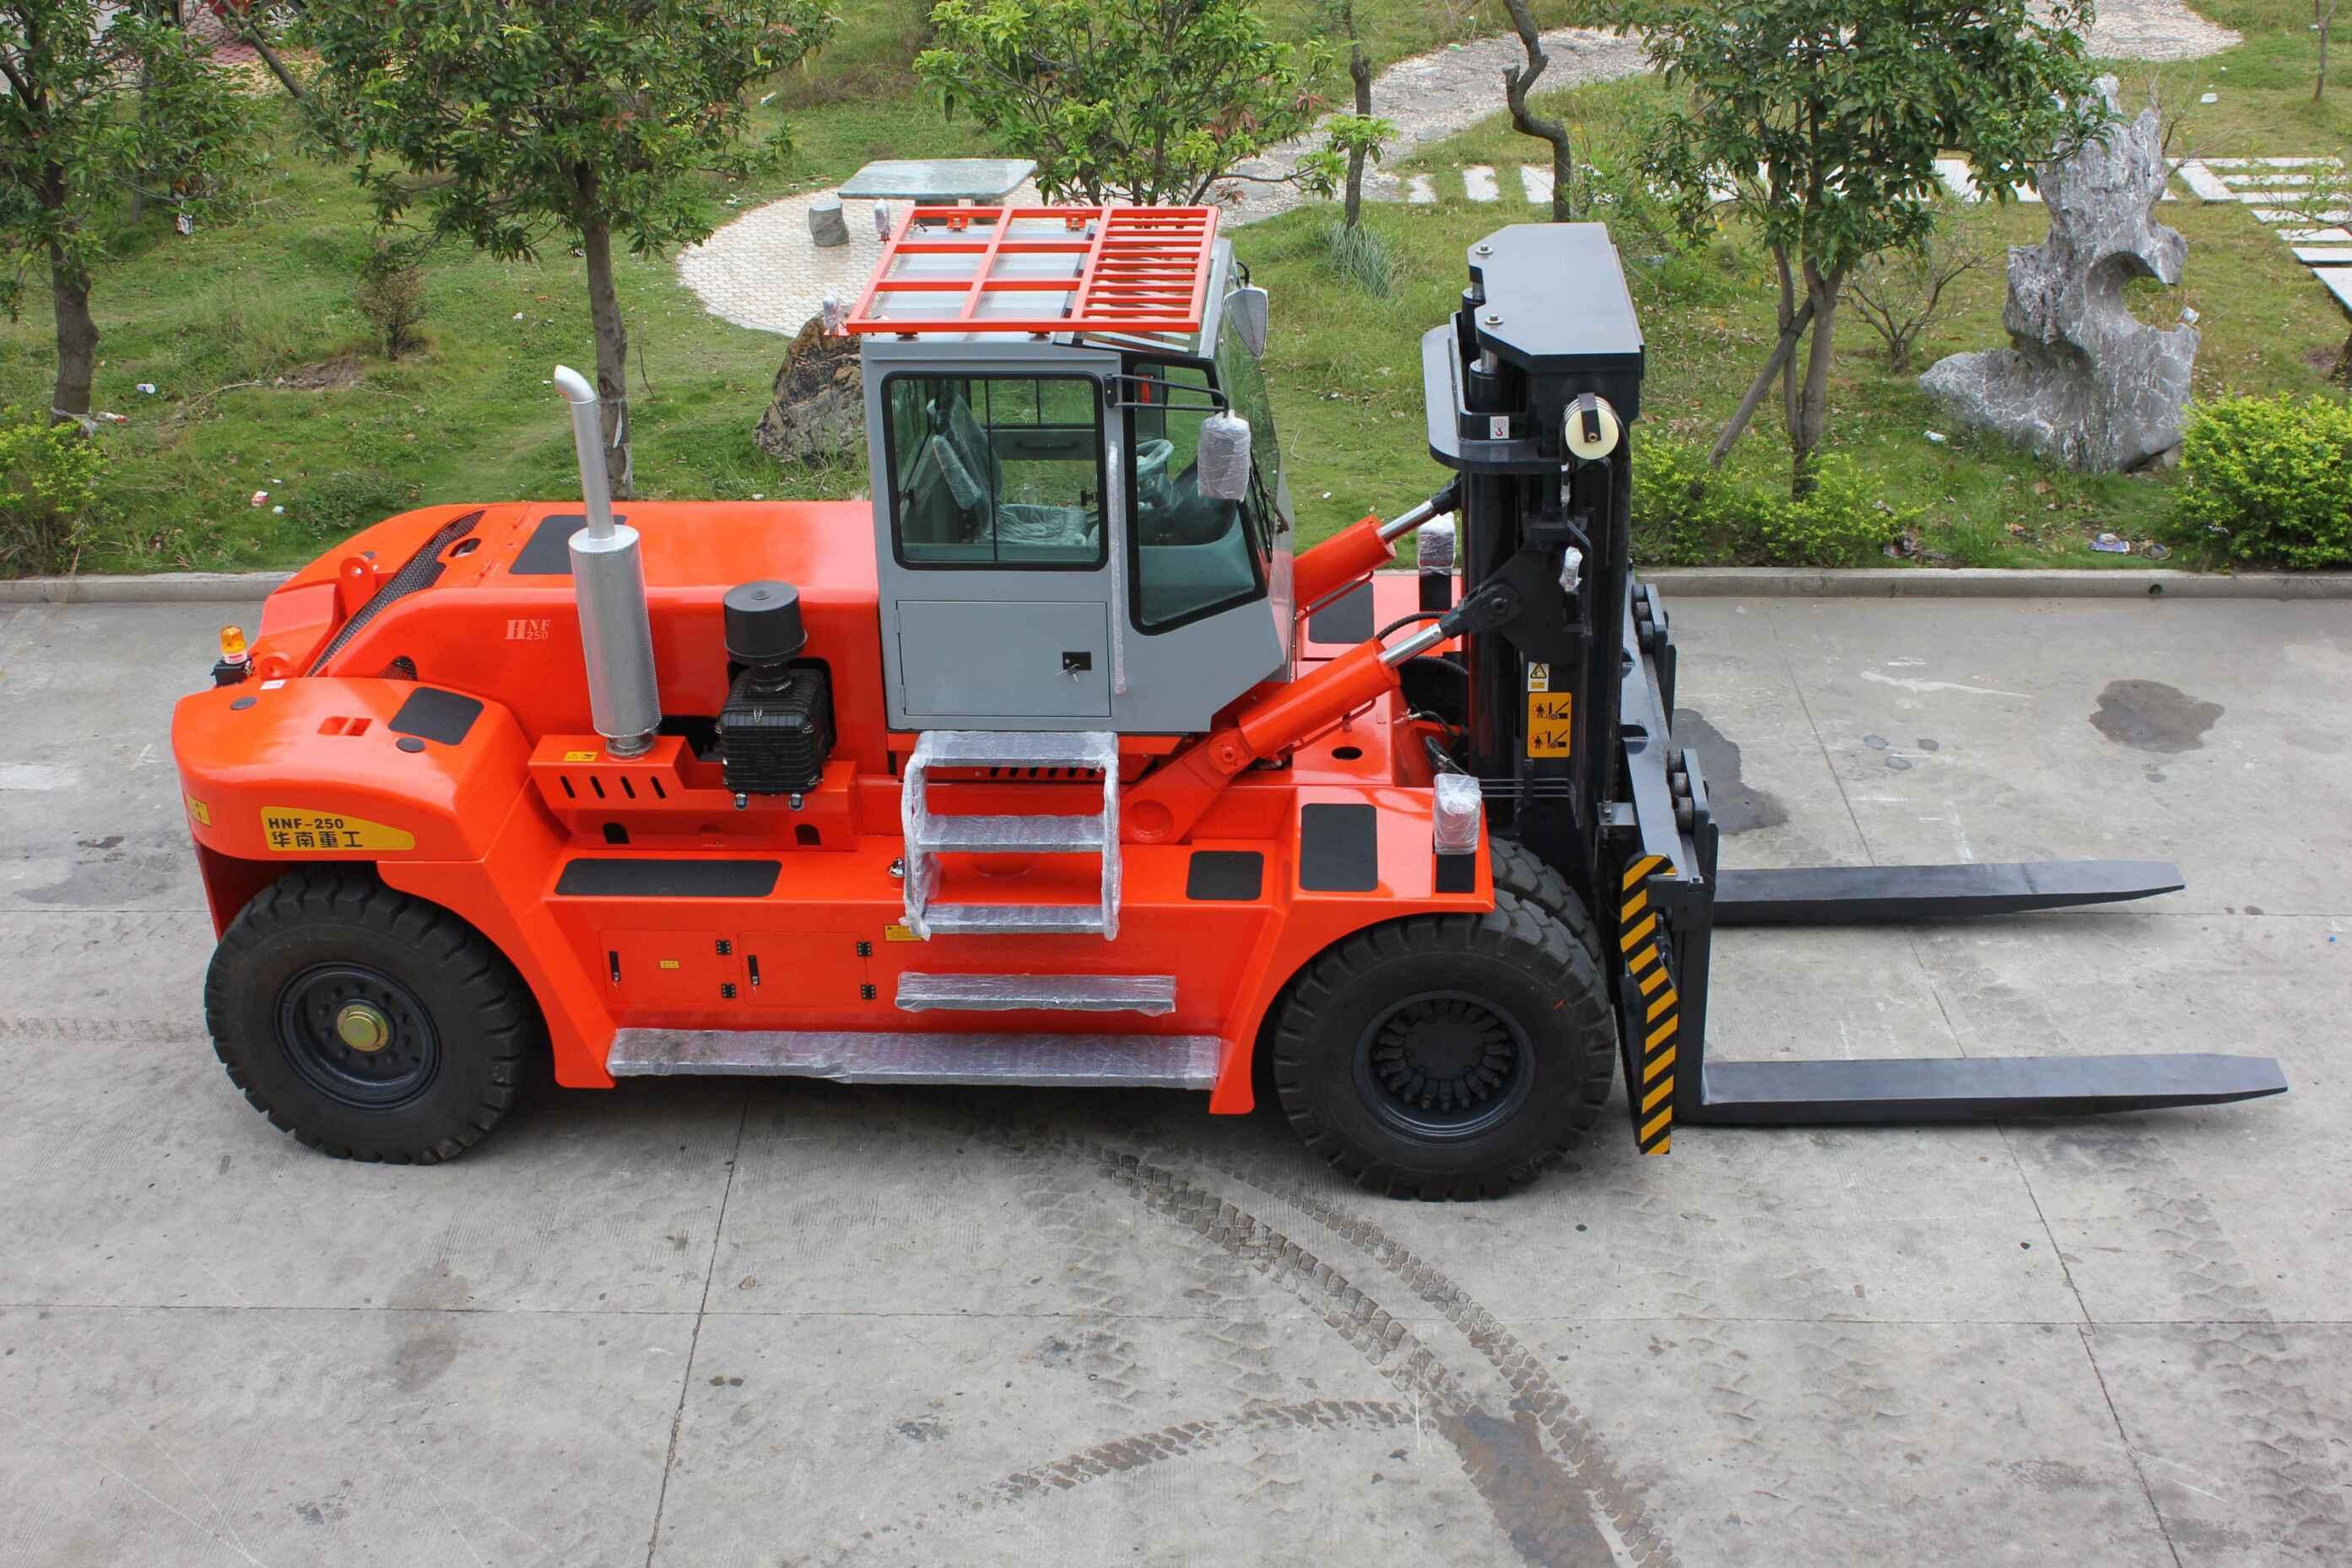 HNF250全自由提升内燃平衡重式叉车(船用叉车)